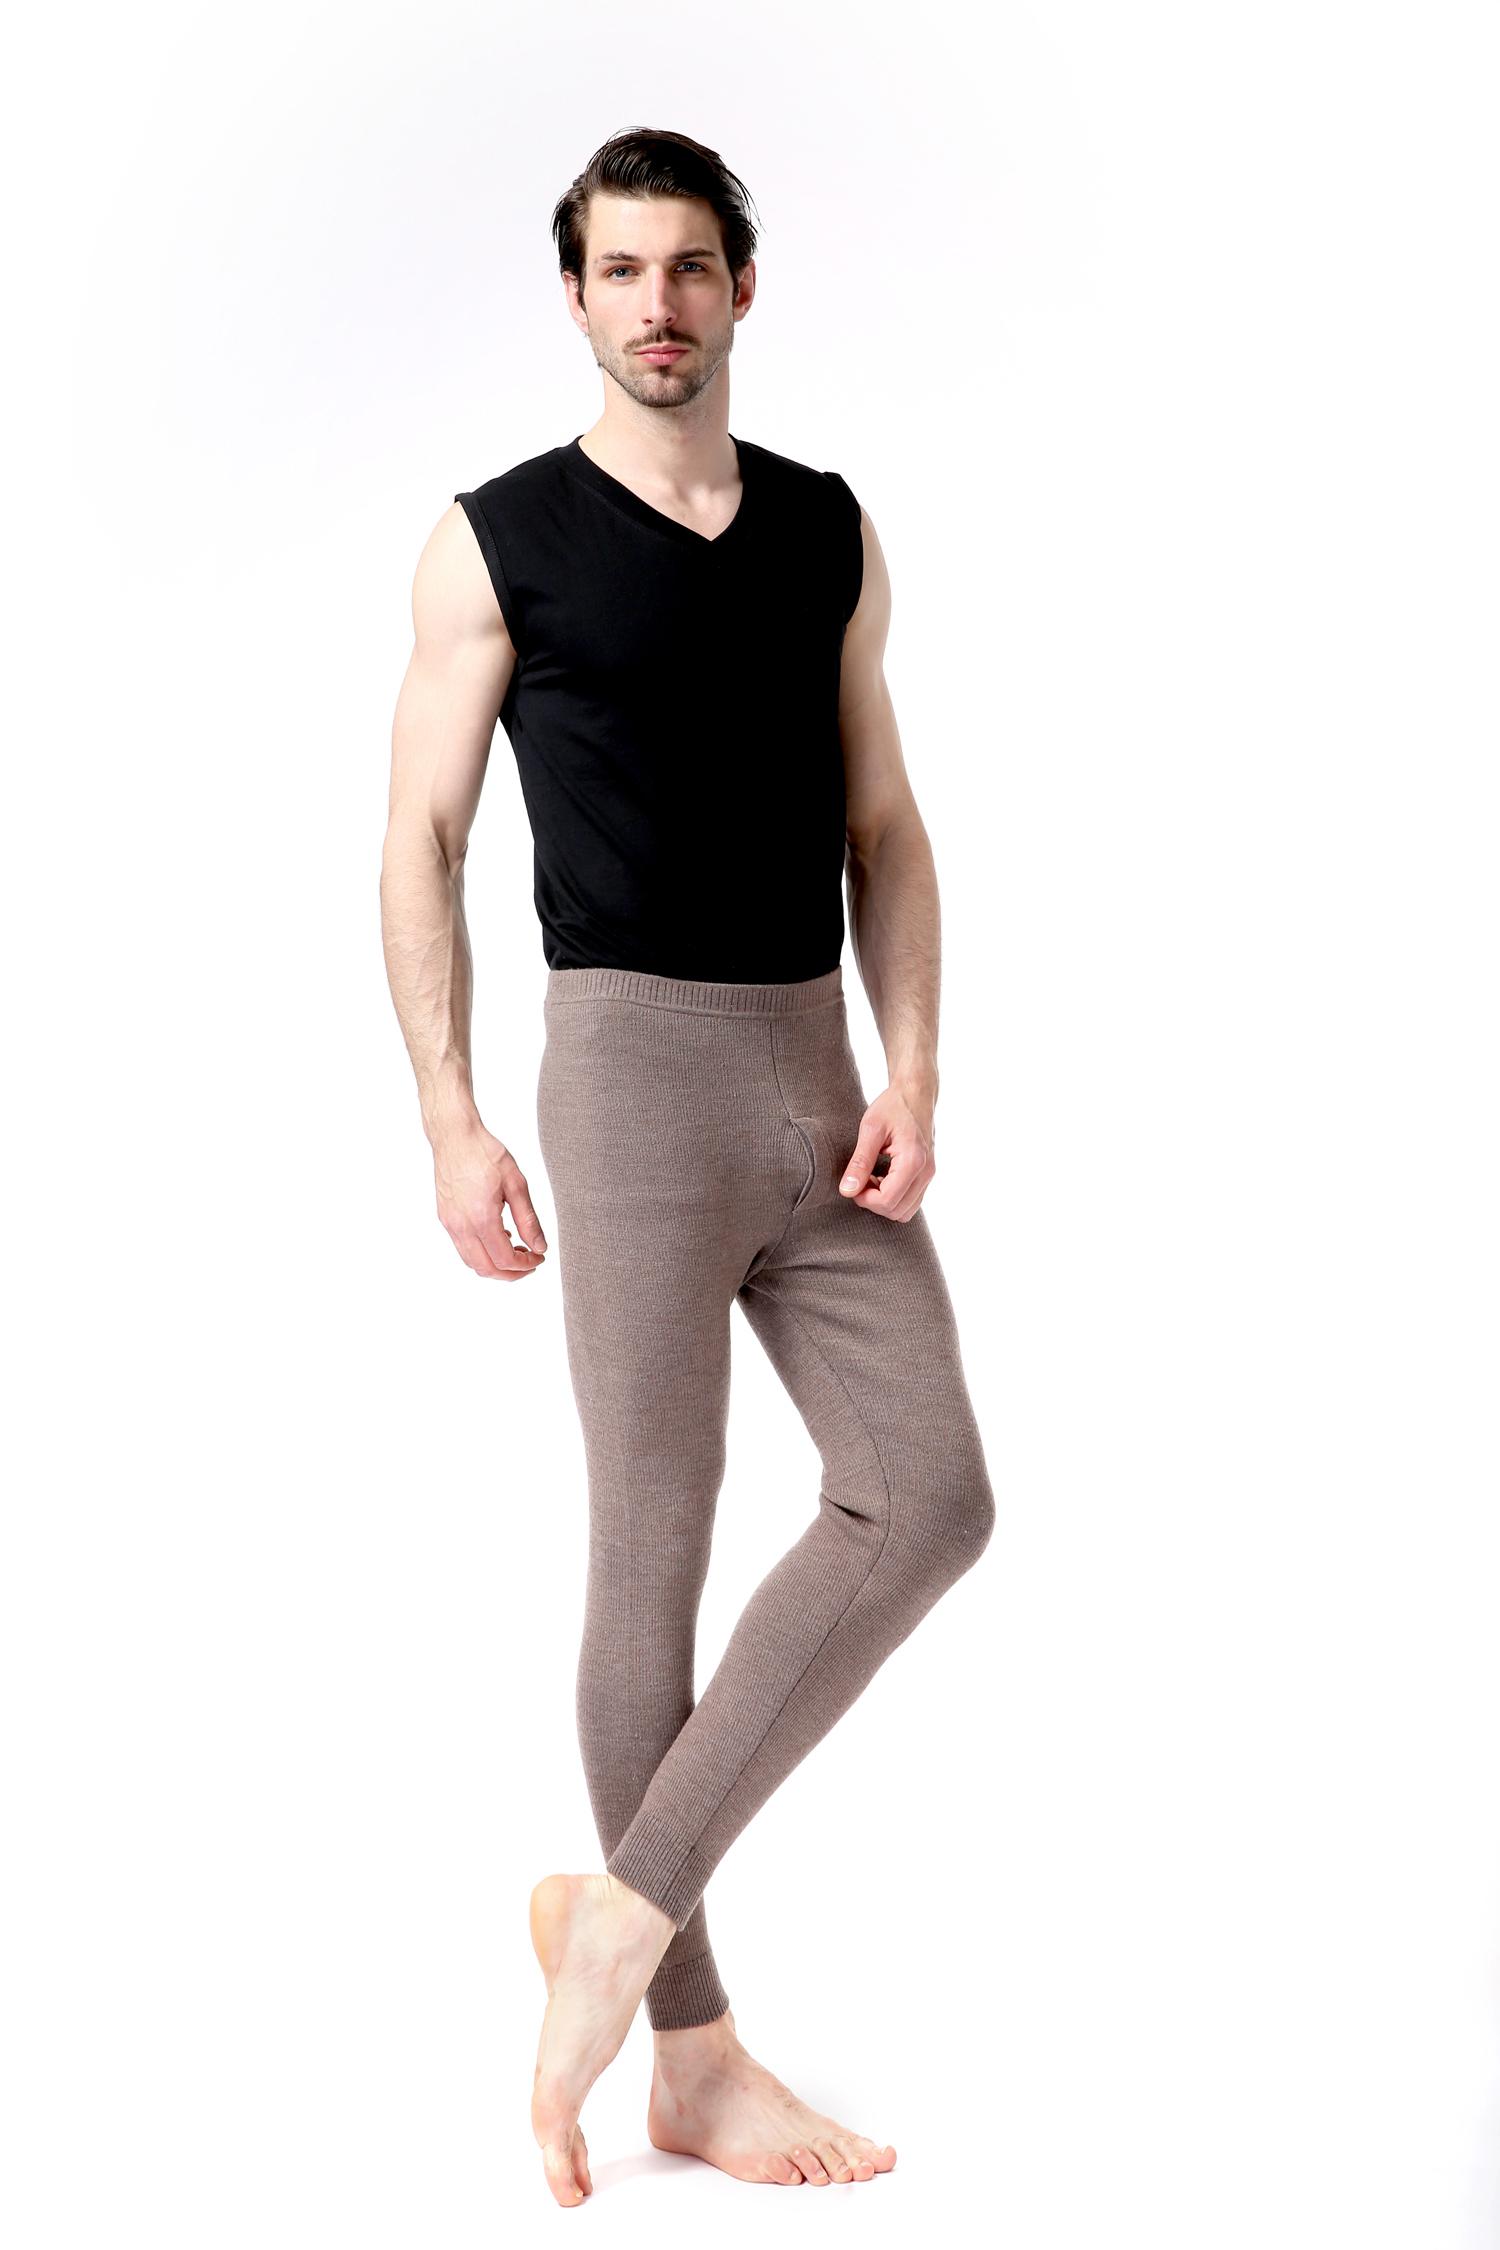 高质量的都兰诺斯澳毛男抽条裤供应